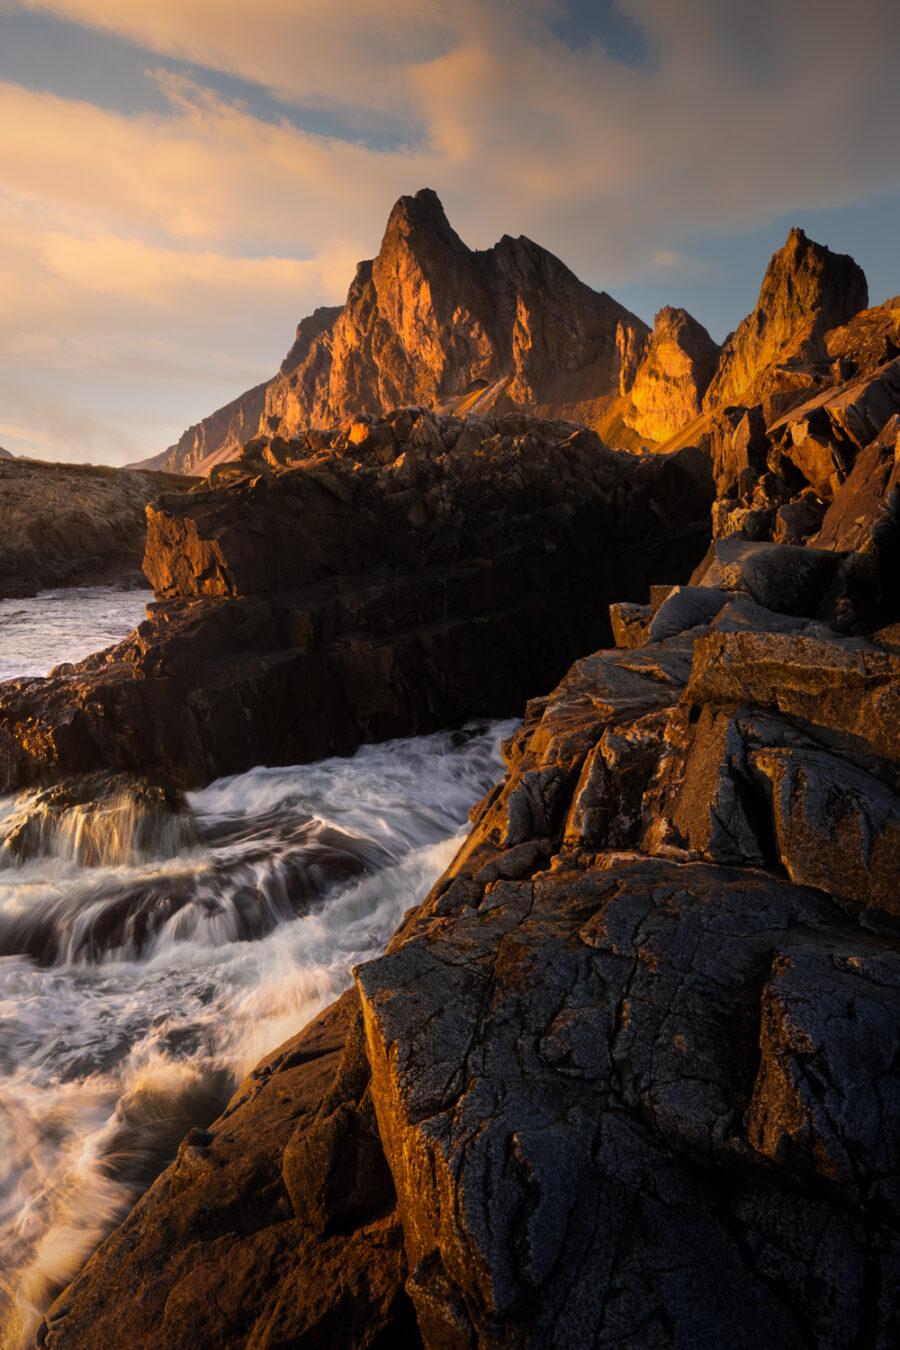 Sunlight on Estrahorn mountain, Iceland